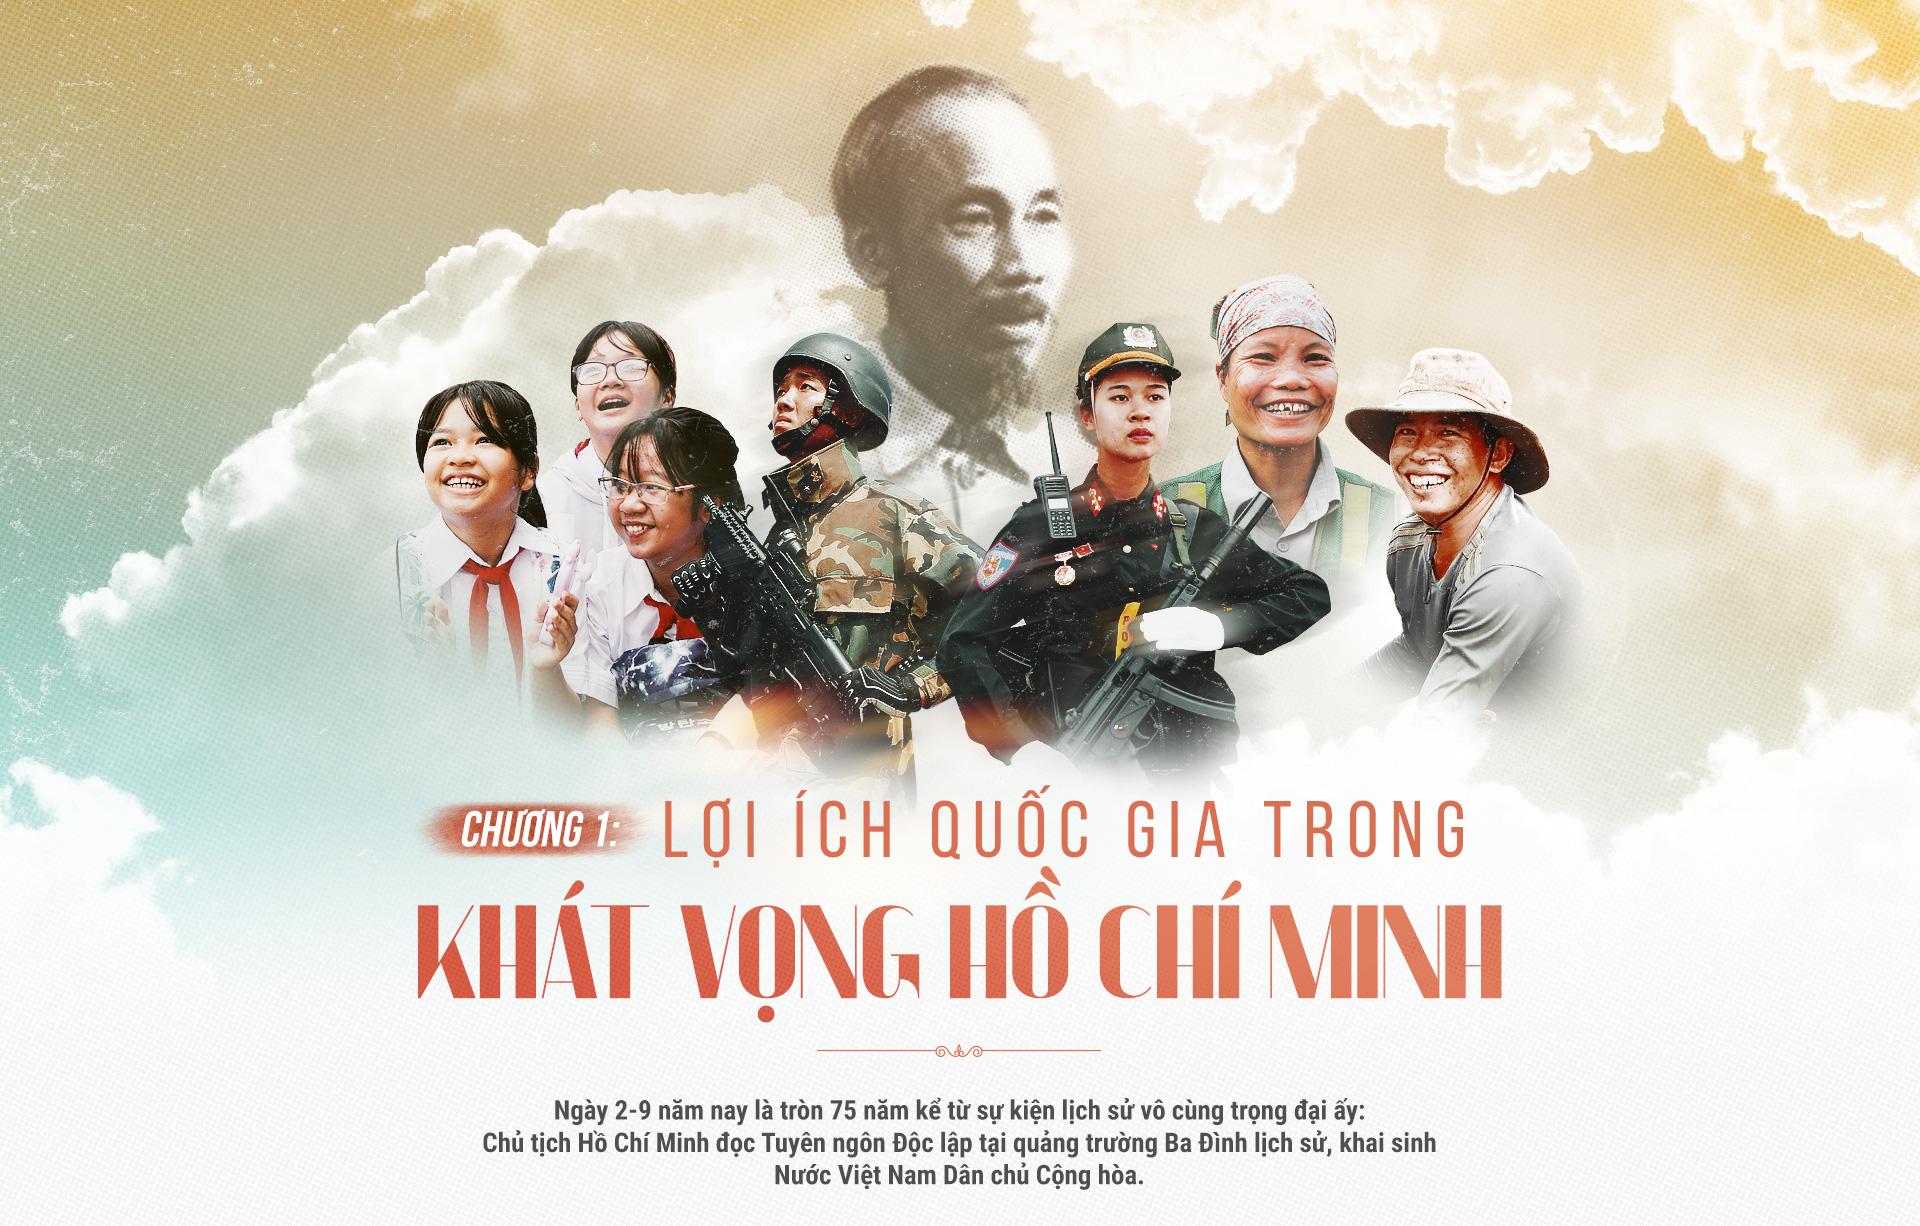 Lợi ích quốc gia trong khát vọng Hồ Chí Minh